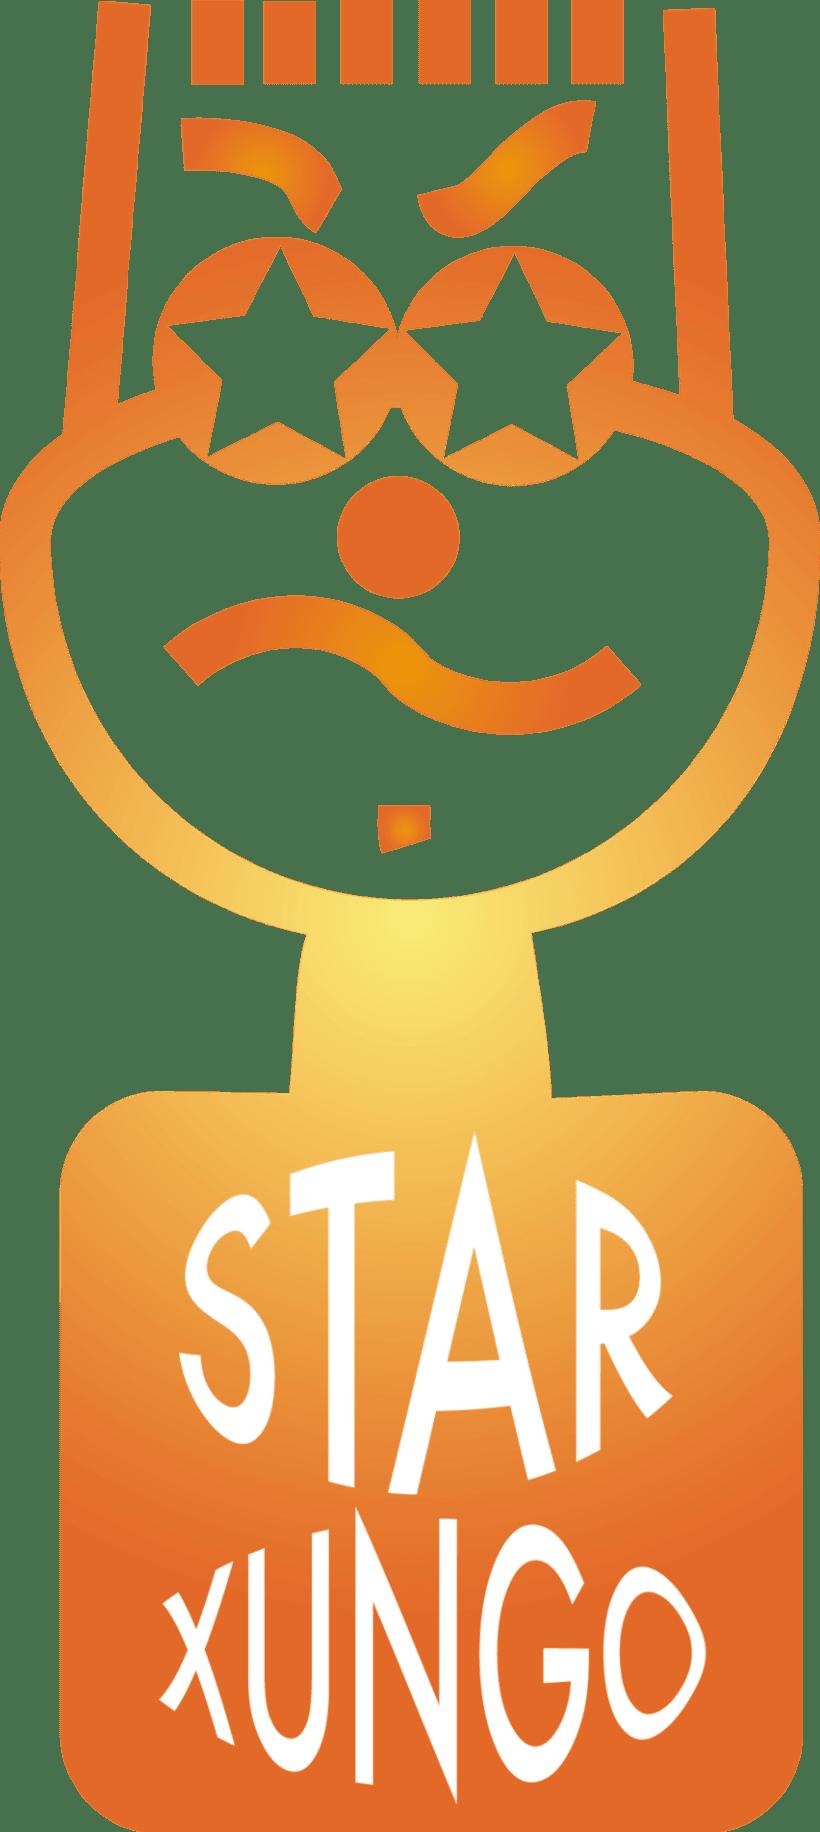 Star-Xungo 1